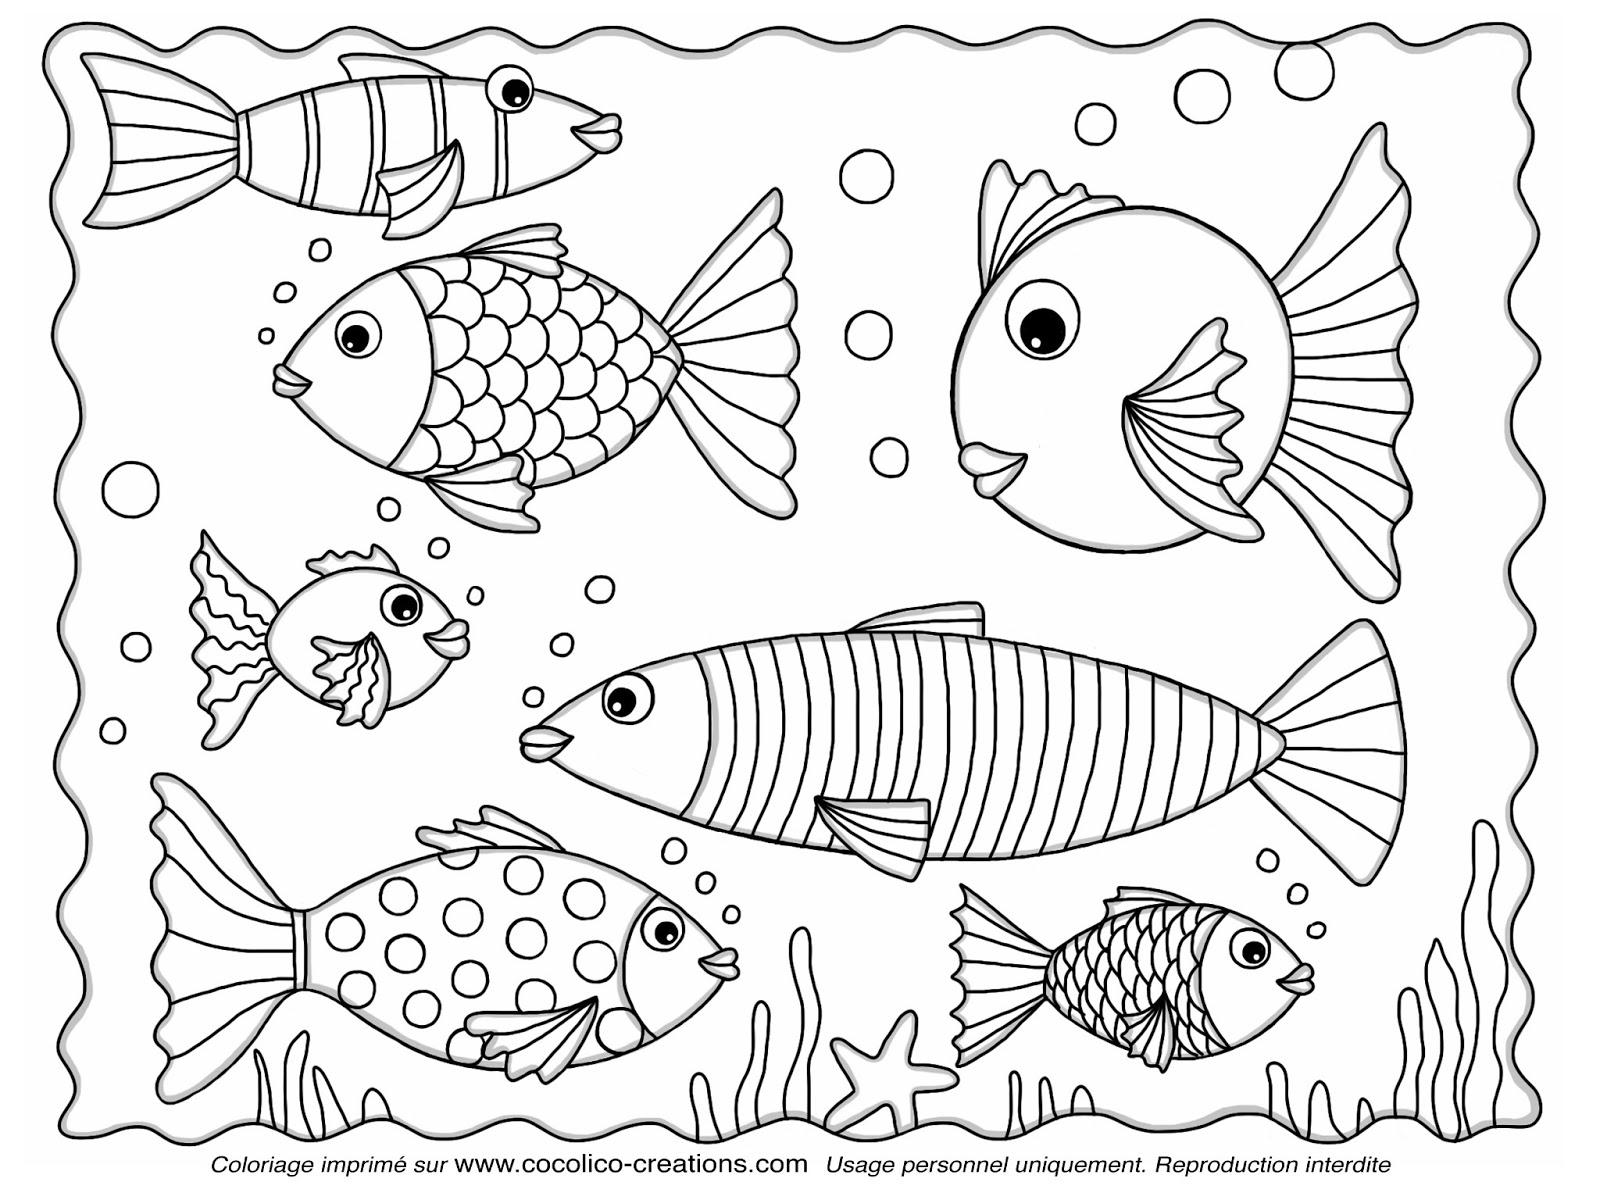 Exceptionnel cocolico-creations: Des poissons à découper pour le 1er avril WA12